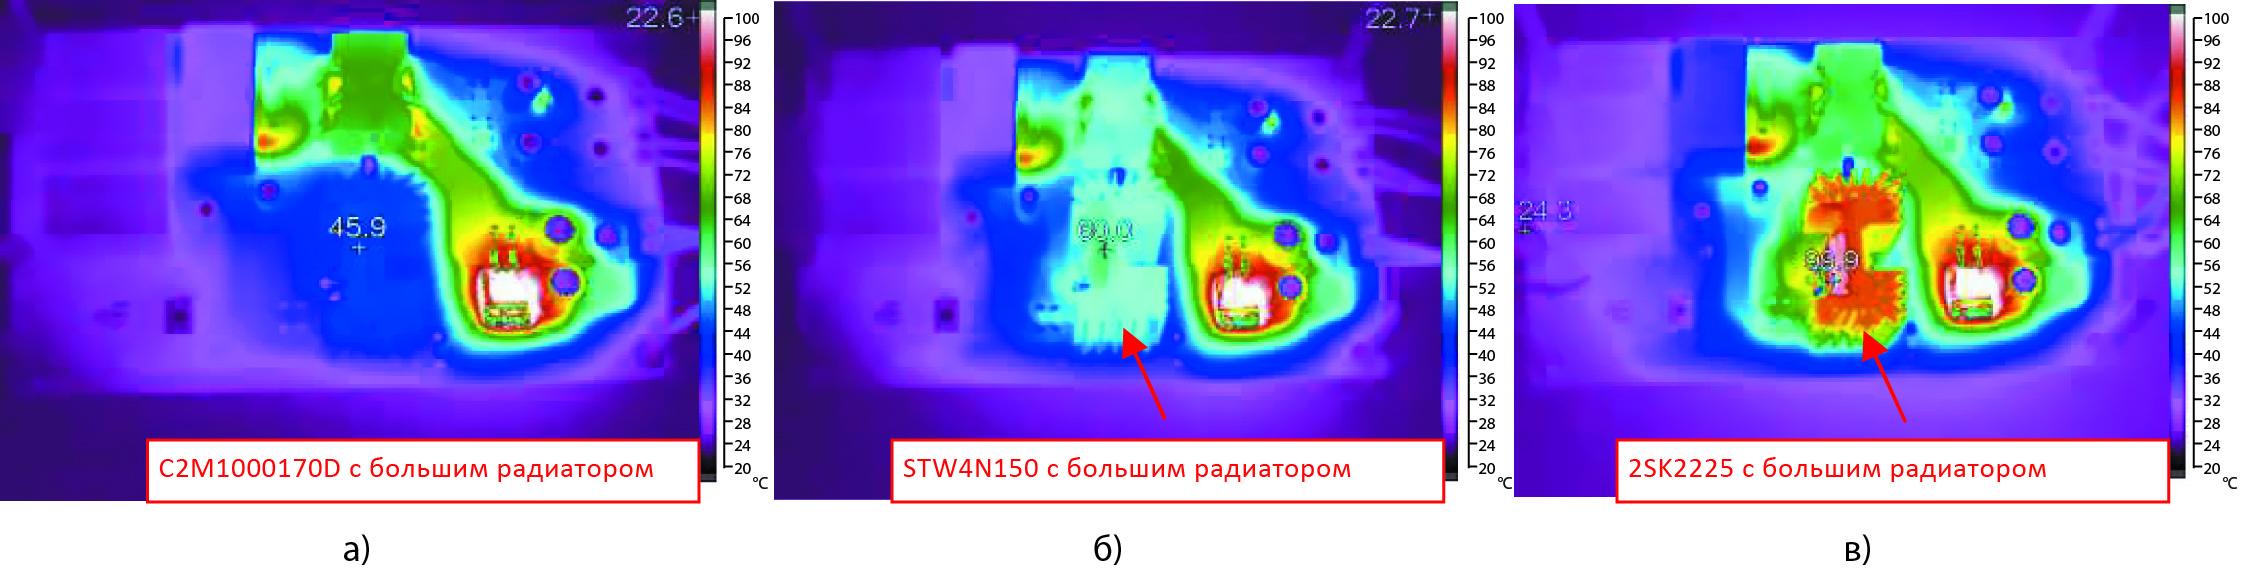 Сравнение по степени нагрева SiC и Si МОП-транзисторов, установленных на одинаковый теплоотвод с большой теплоотводящей поверхностью. Измерения проведены при входном напряжении преобразователя 1000 В постоянного тока